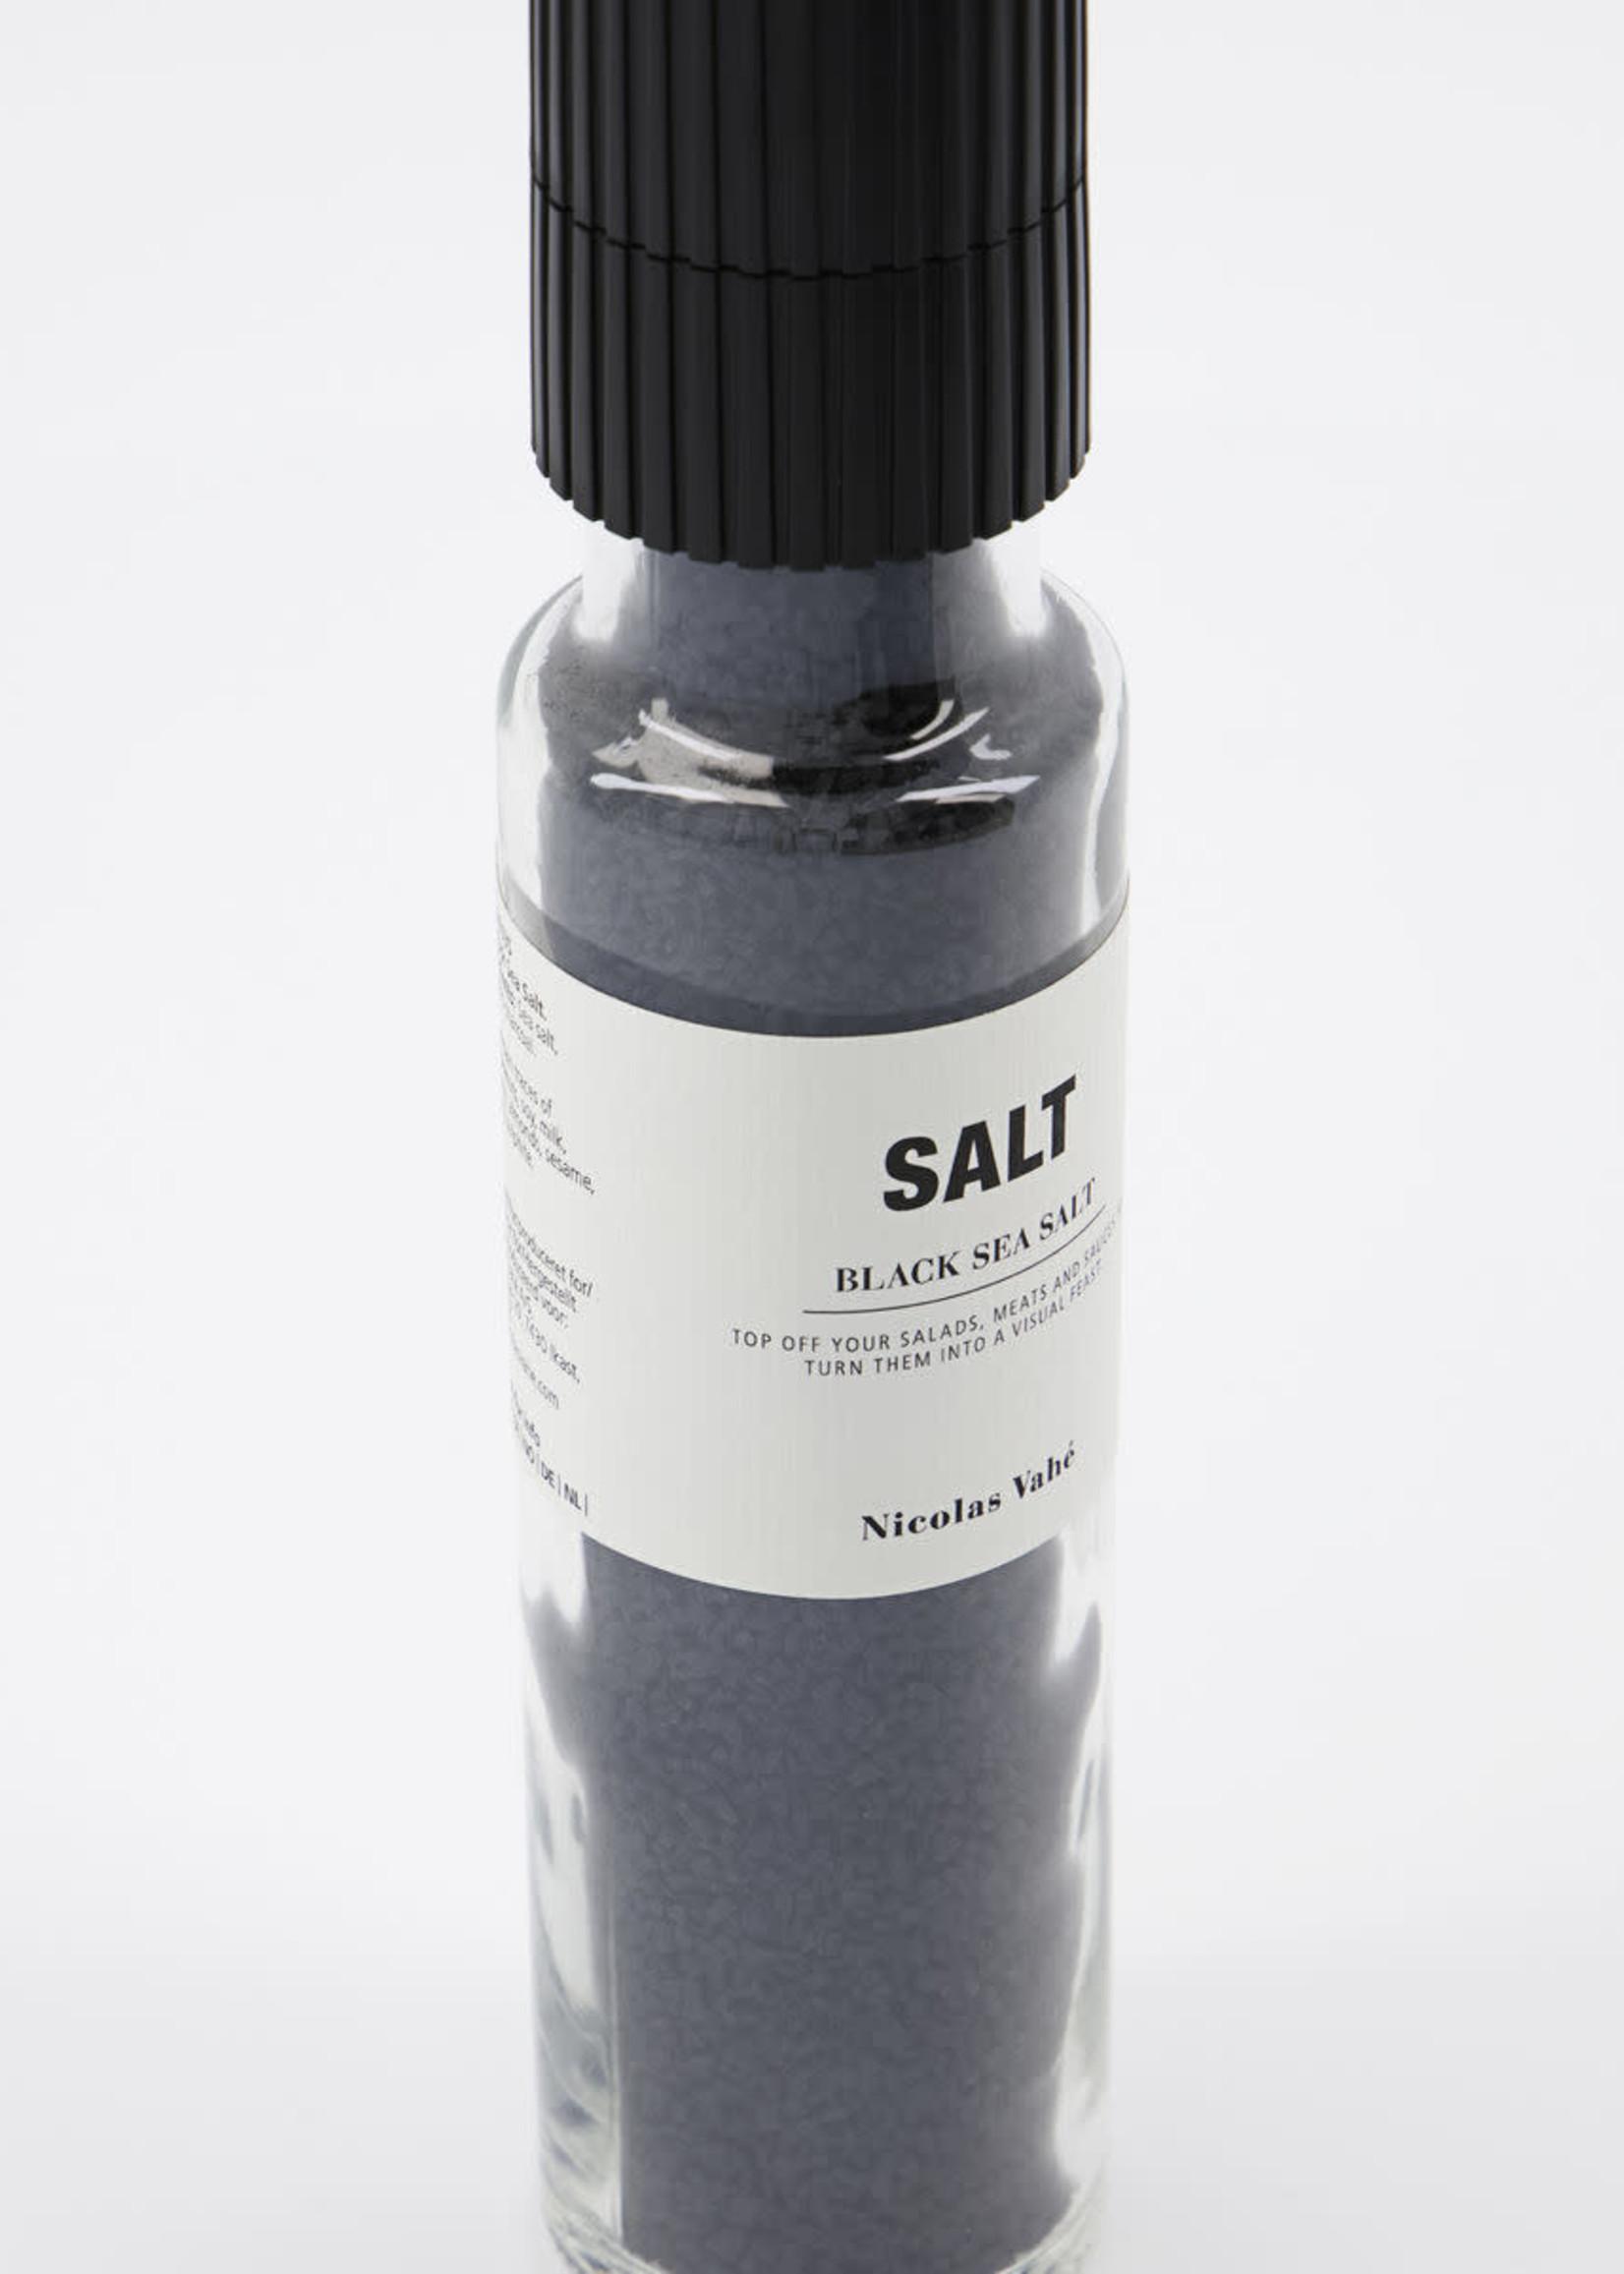 Nicolas Vahé Nicolas Vahé Salt, Black